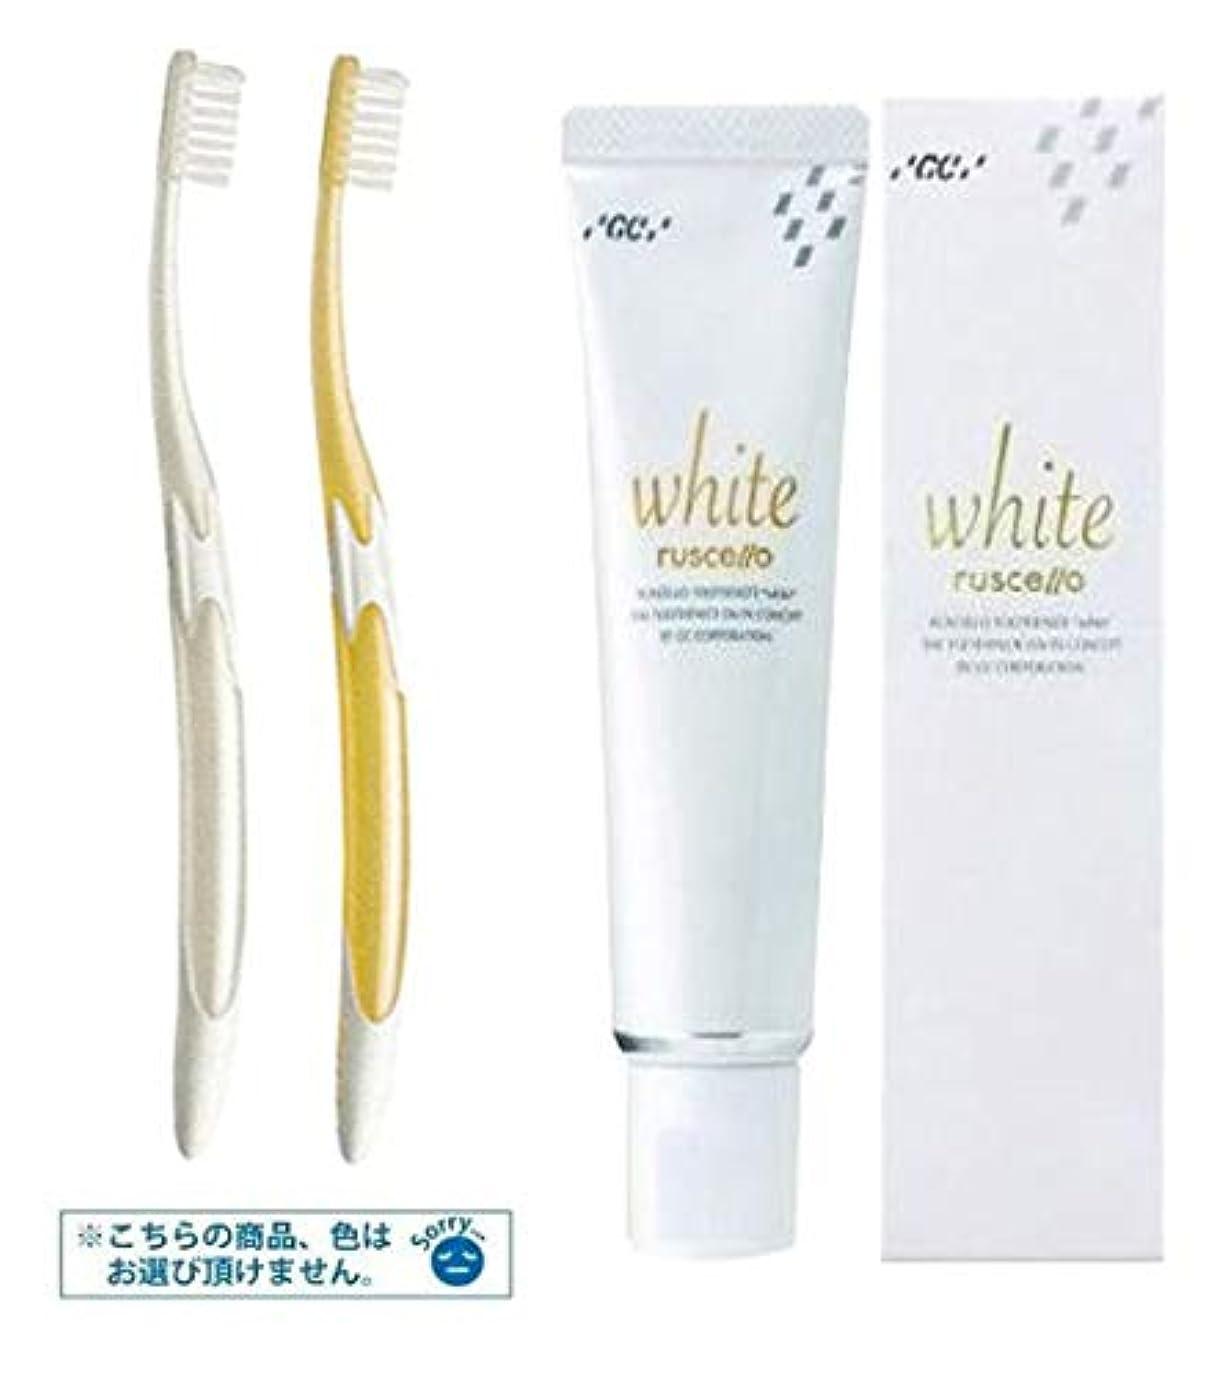 啓発するサンダル祝うGC(ジーシー) ルシェロ 歯みがきペースト ホワイト 100g 1個 + ルシェロ W-10 歯ブラシ 2本